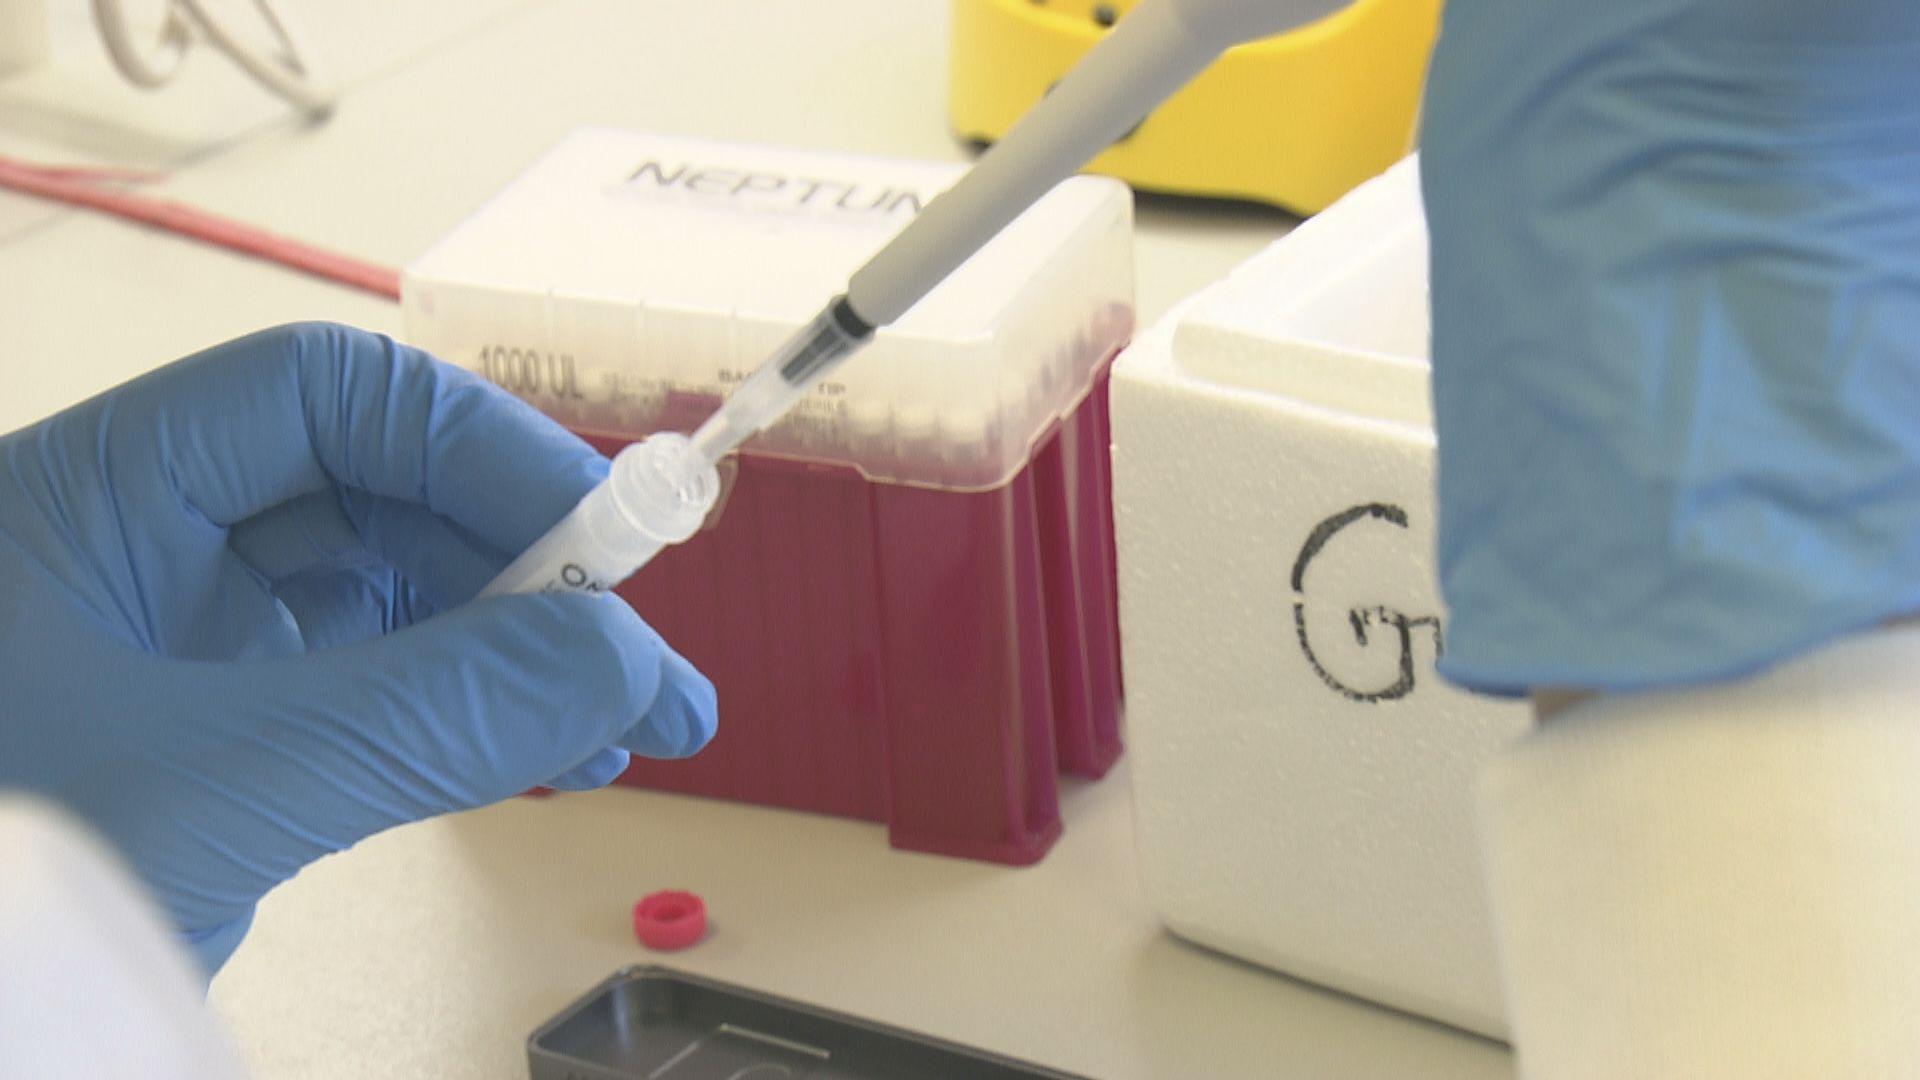 首本地源頭不明個案帶Delta變種病毒 正跟進傳播途徑